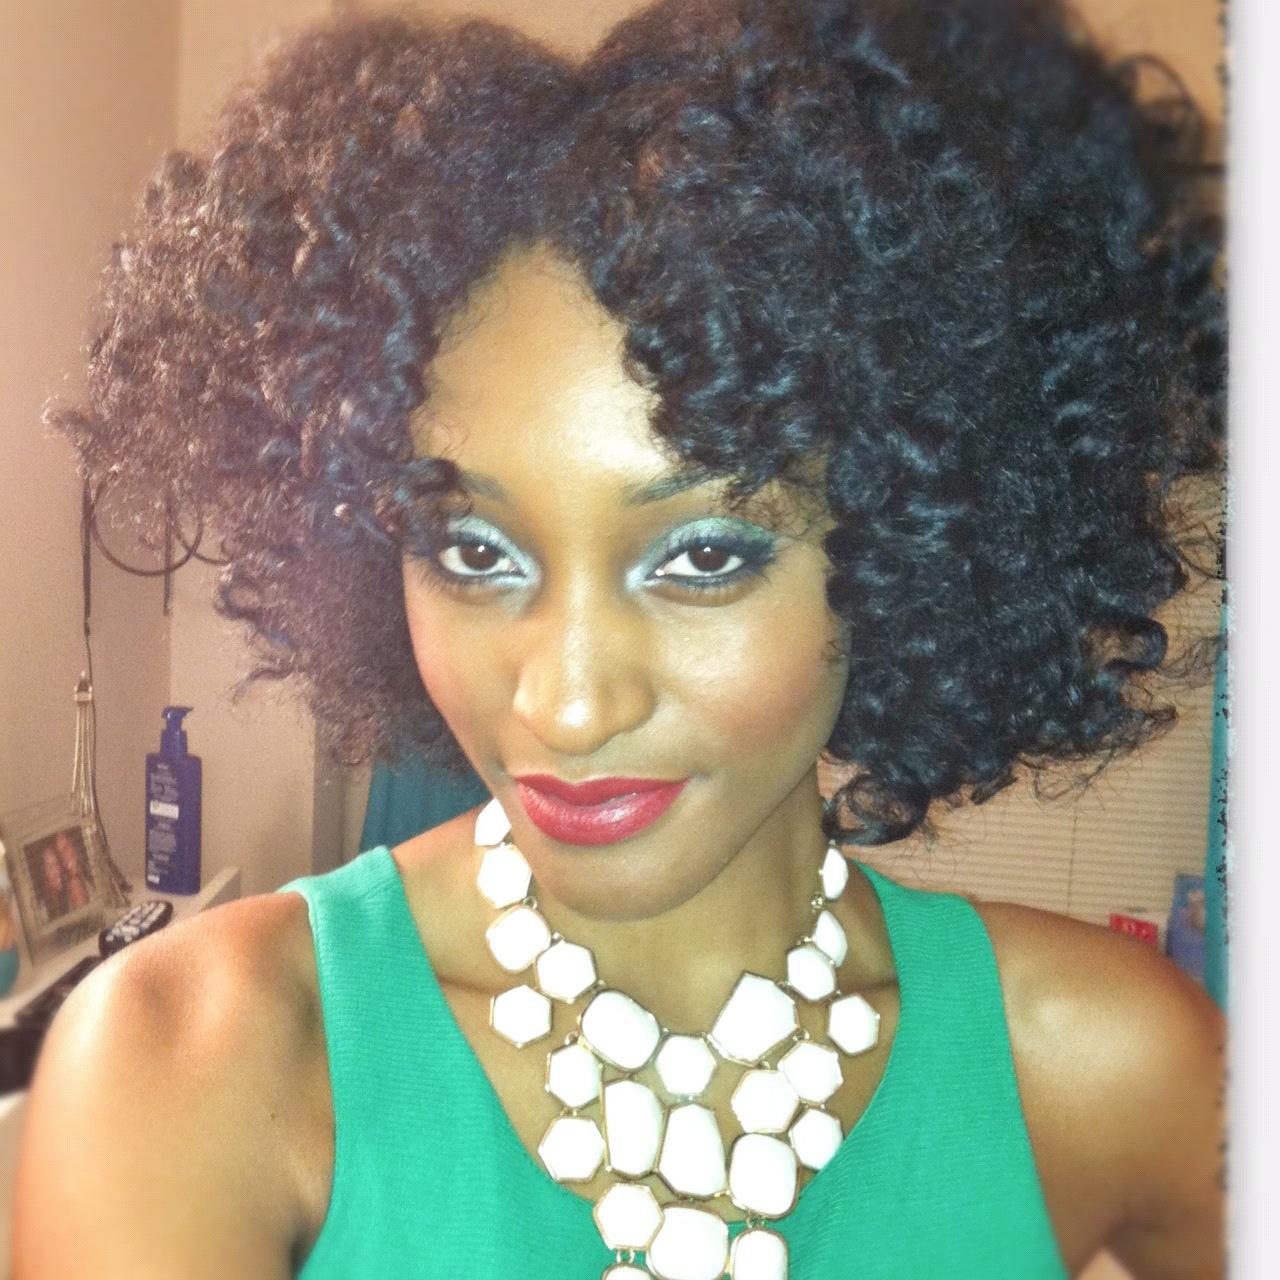 Bantu knot tutorial on dry hair